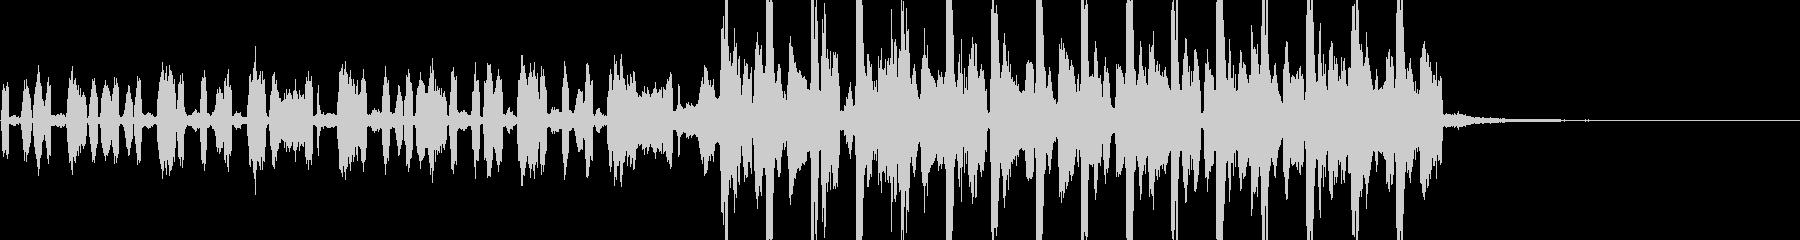 世界バルカン研究所エレクトロシンセ...の未再生の波形